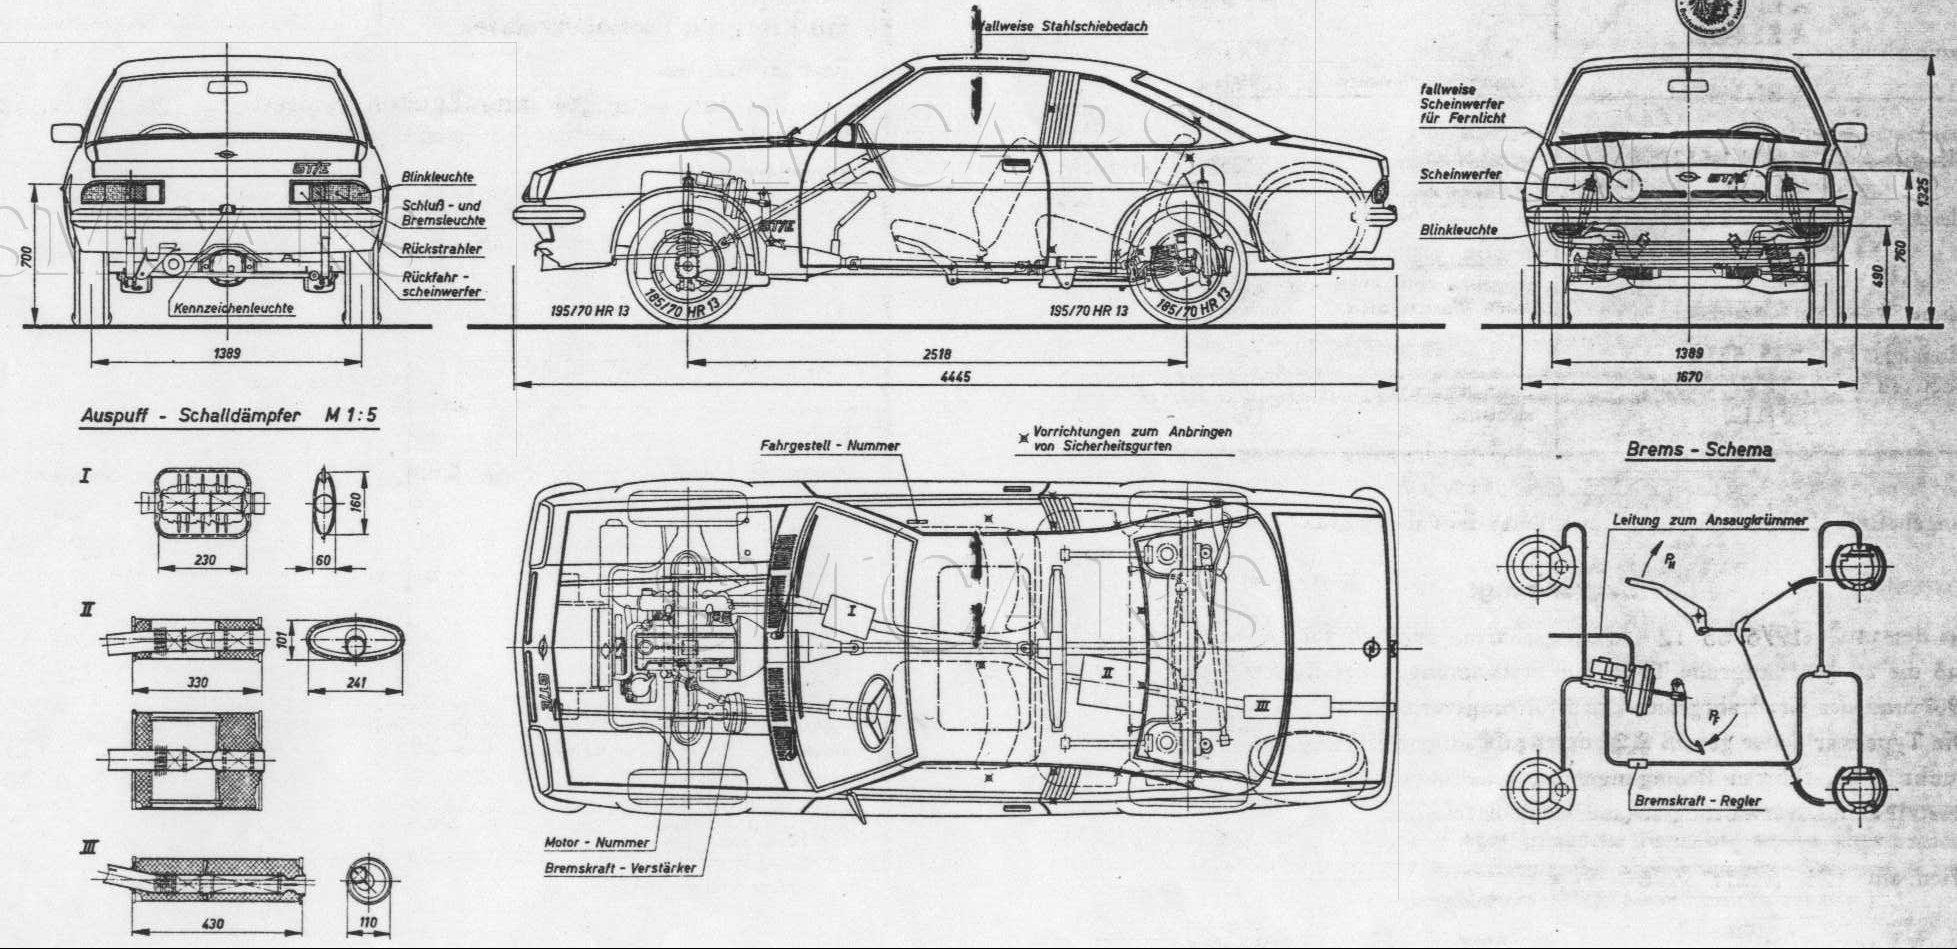 Black Hawk Thunders - Opel Manta B